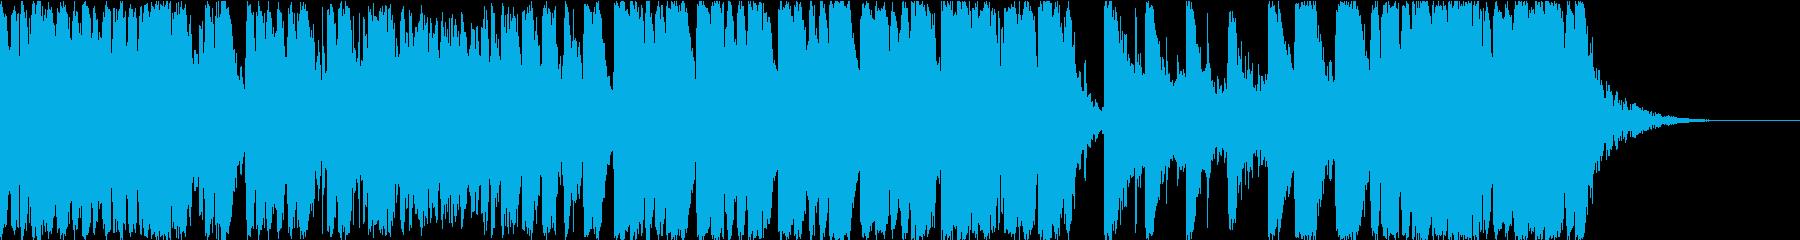 ハリウッド映画 戦闘 合唱オーケストラの再生済みの波形